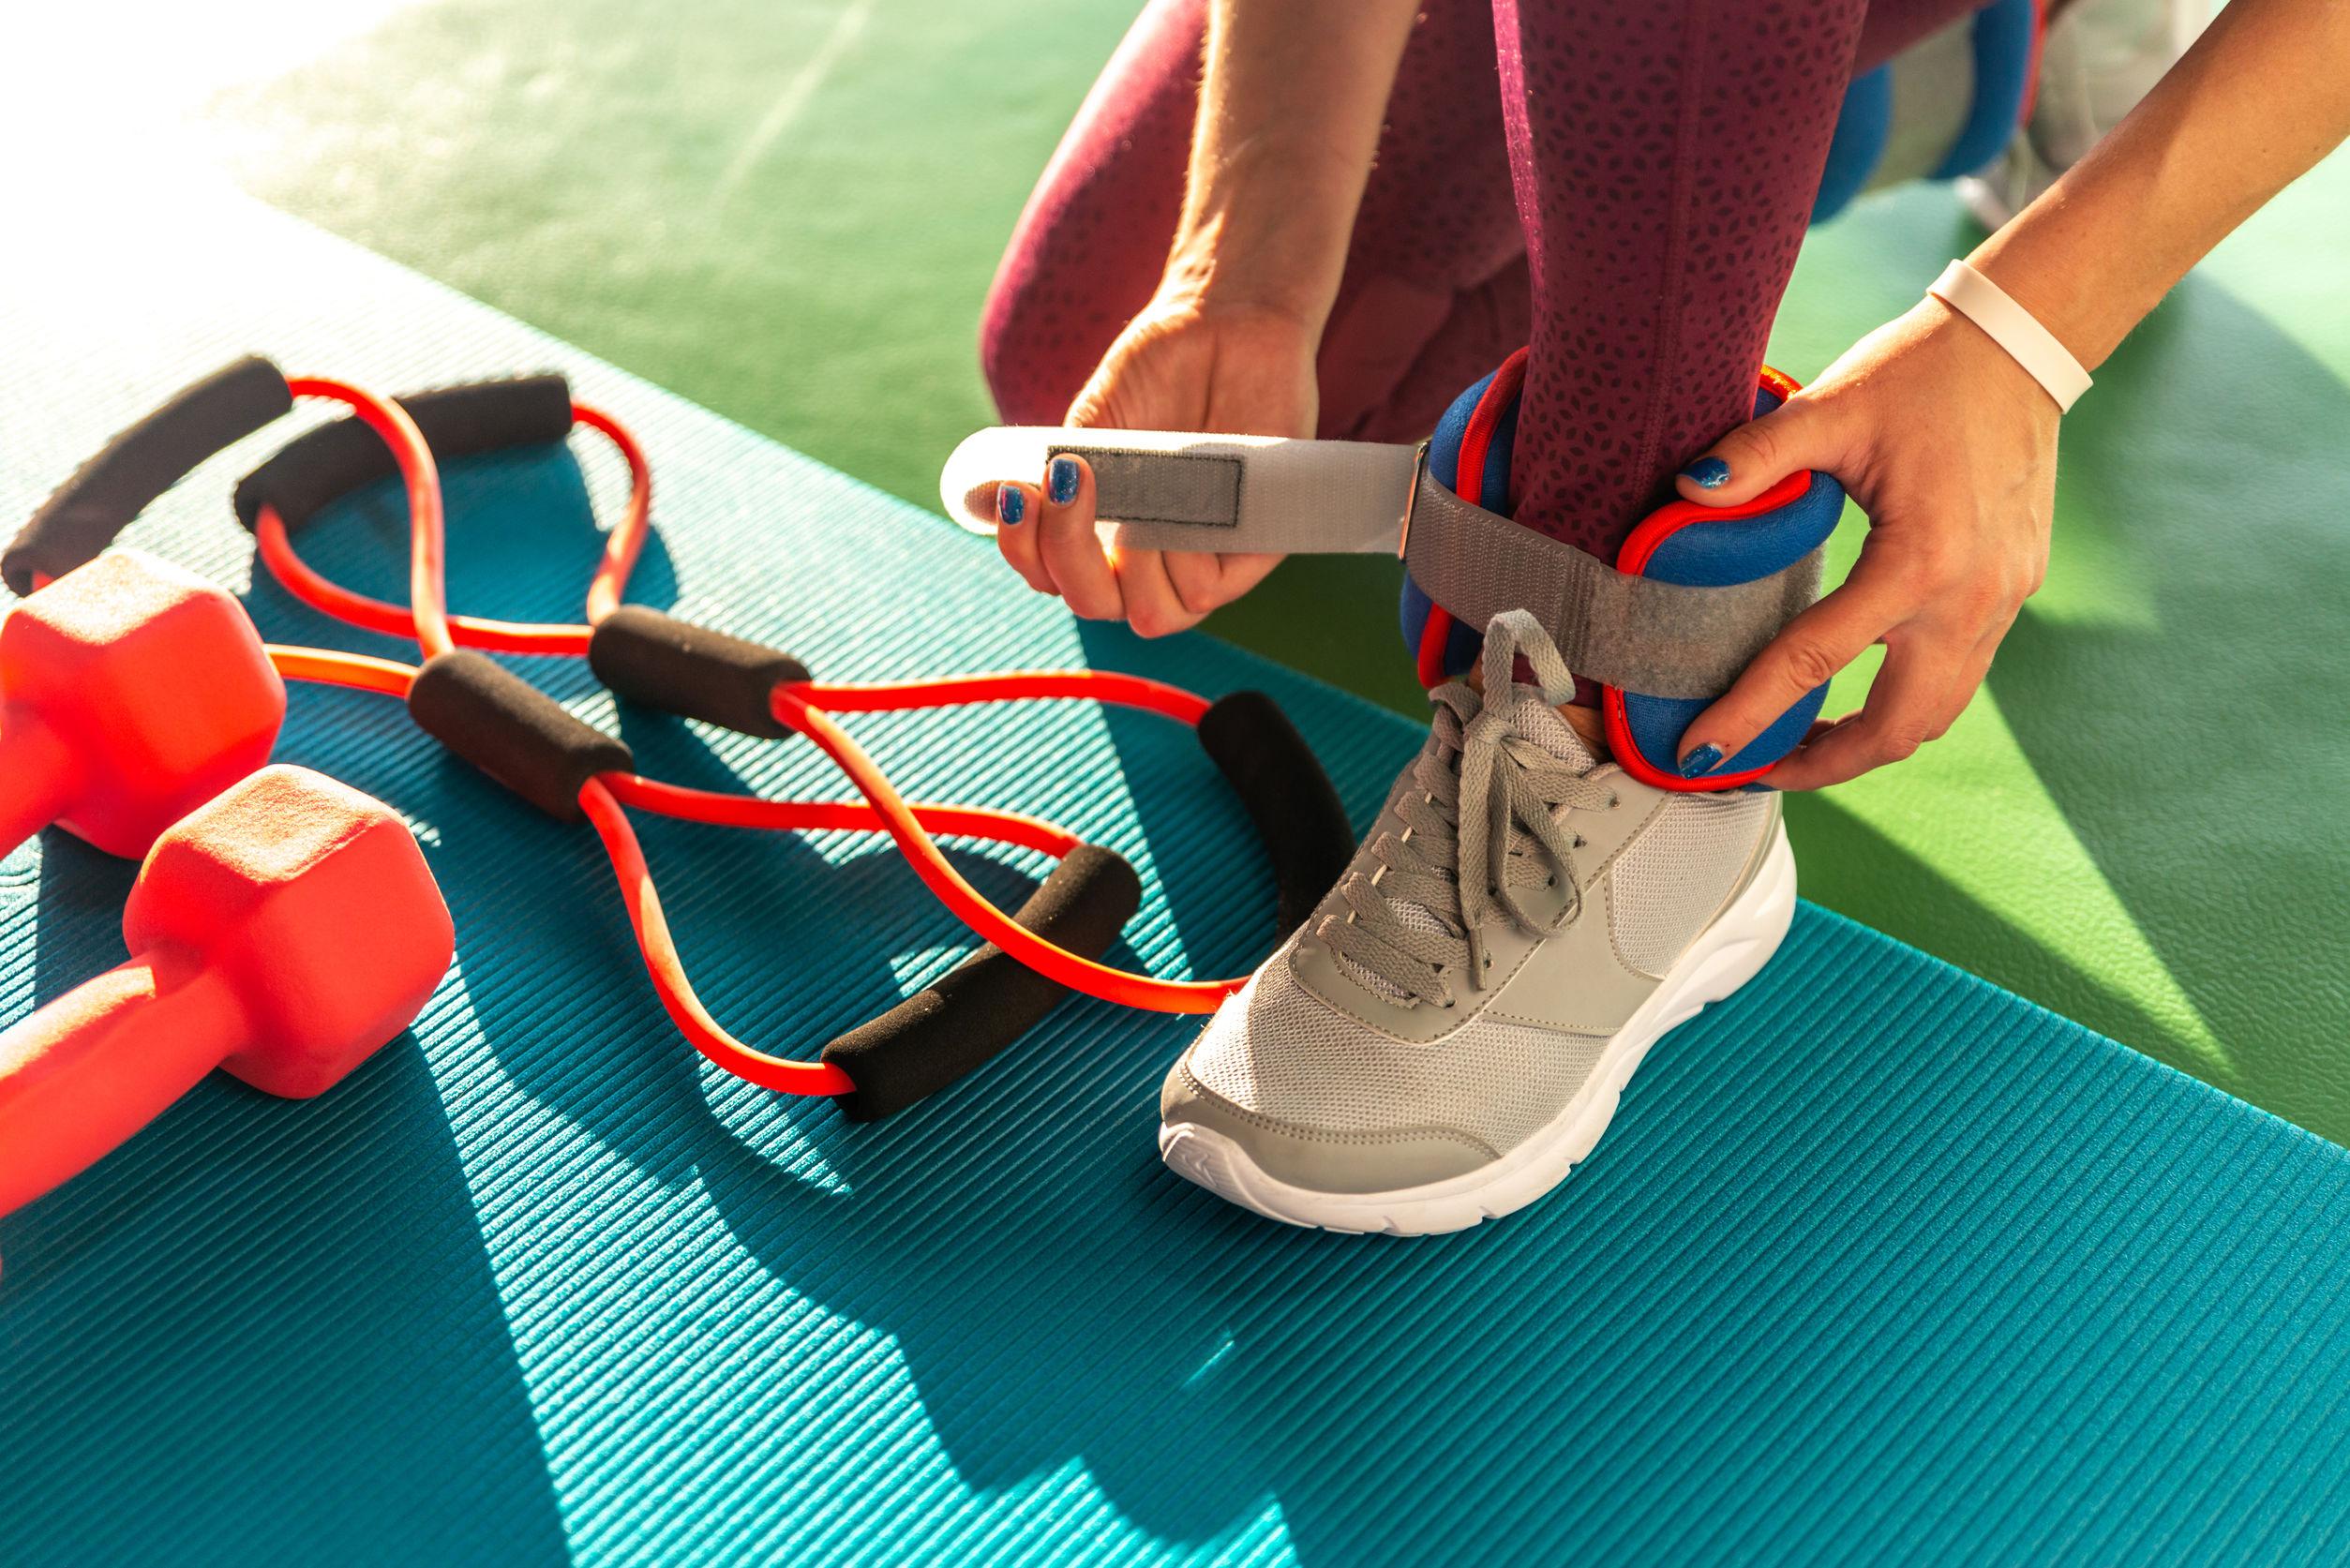 Mujer poniéndose pesas en los tobillos antes de comenzar un entrenamiento